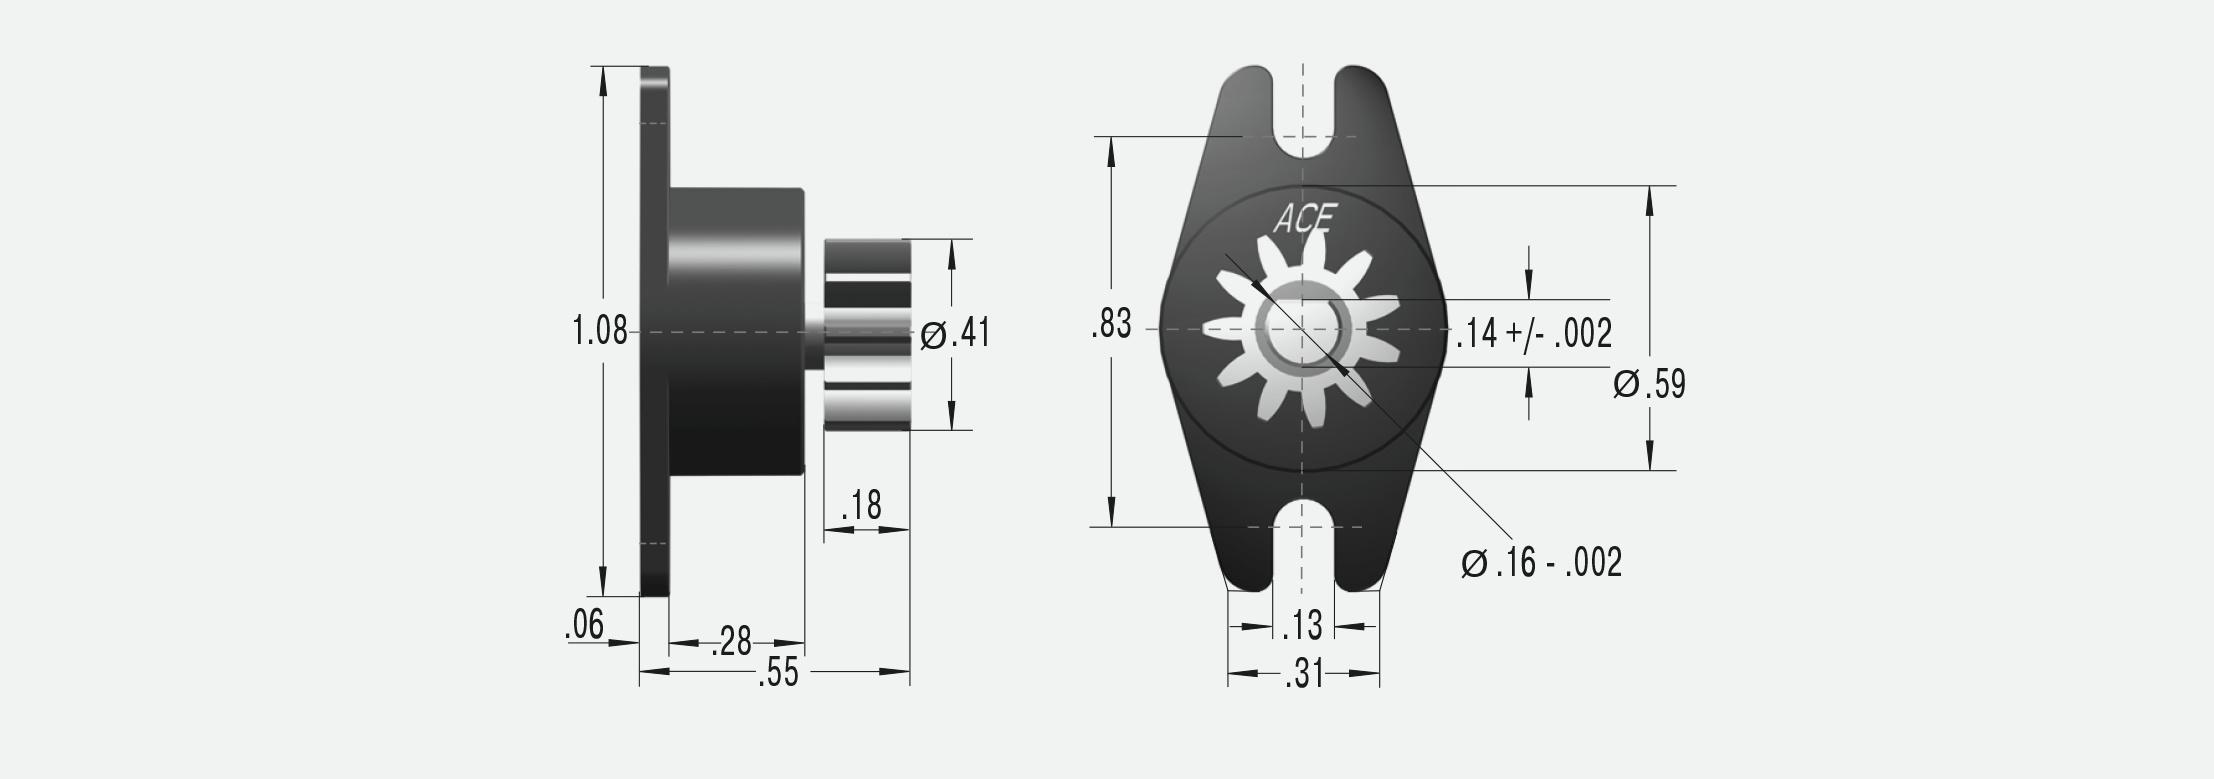 FRN-C2-R201-G1